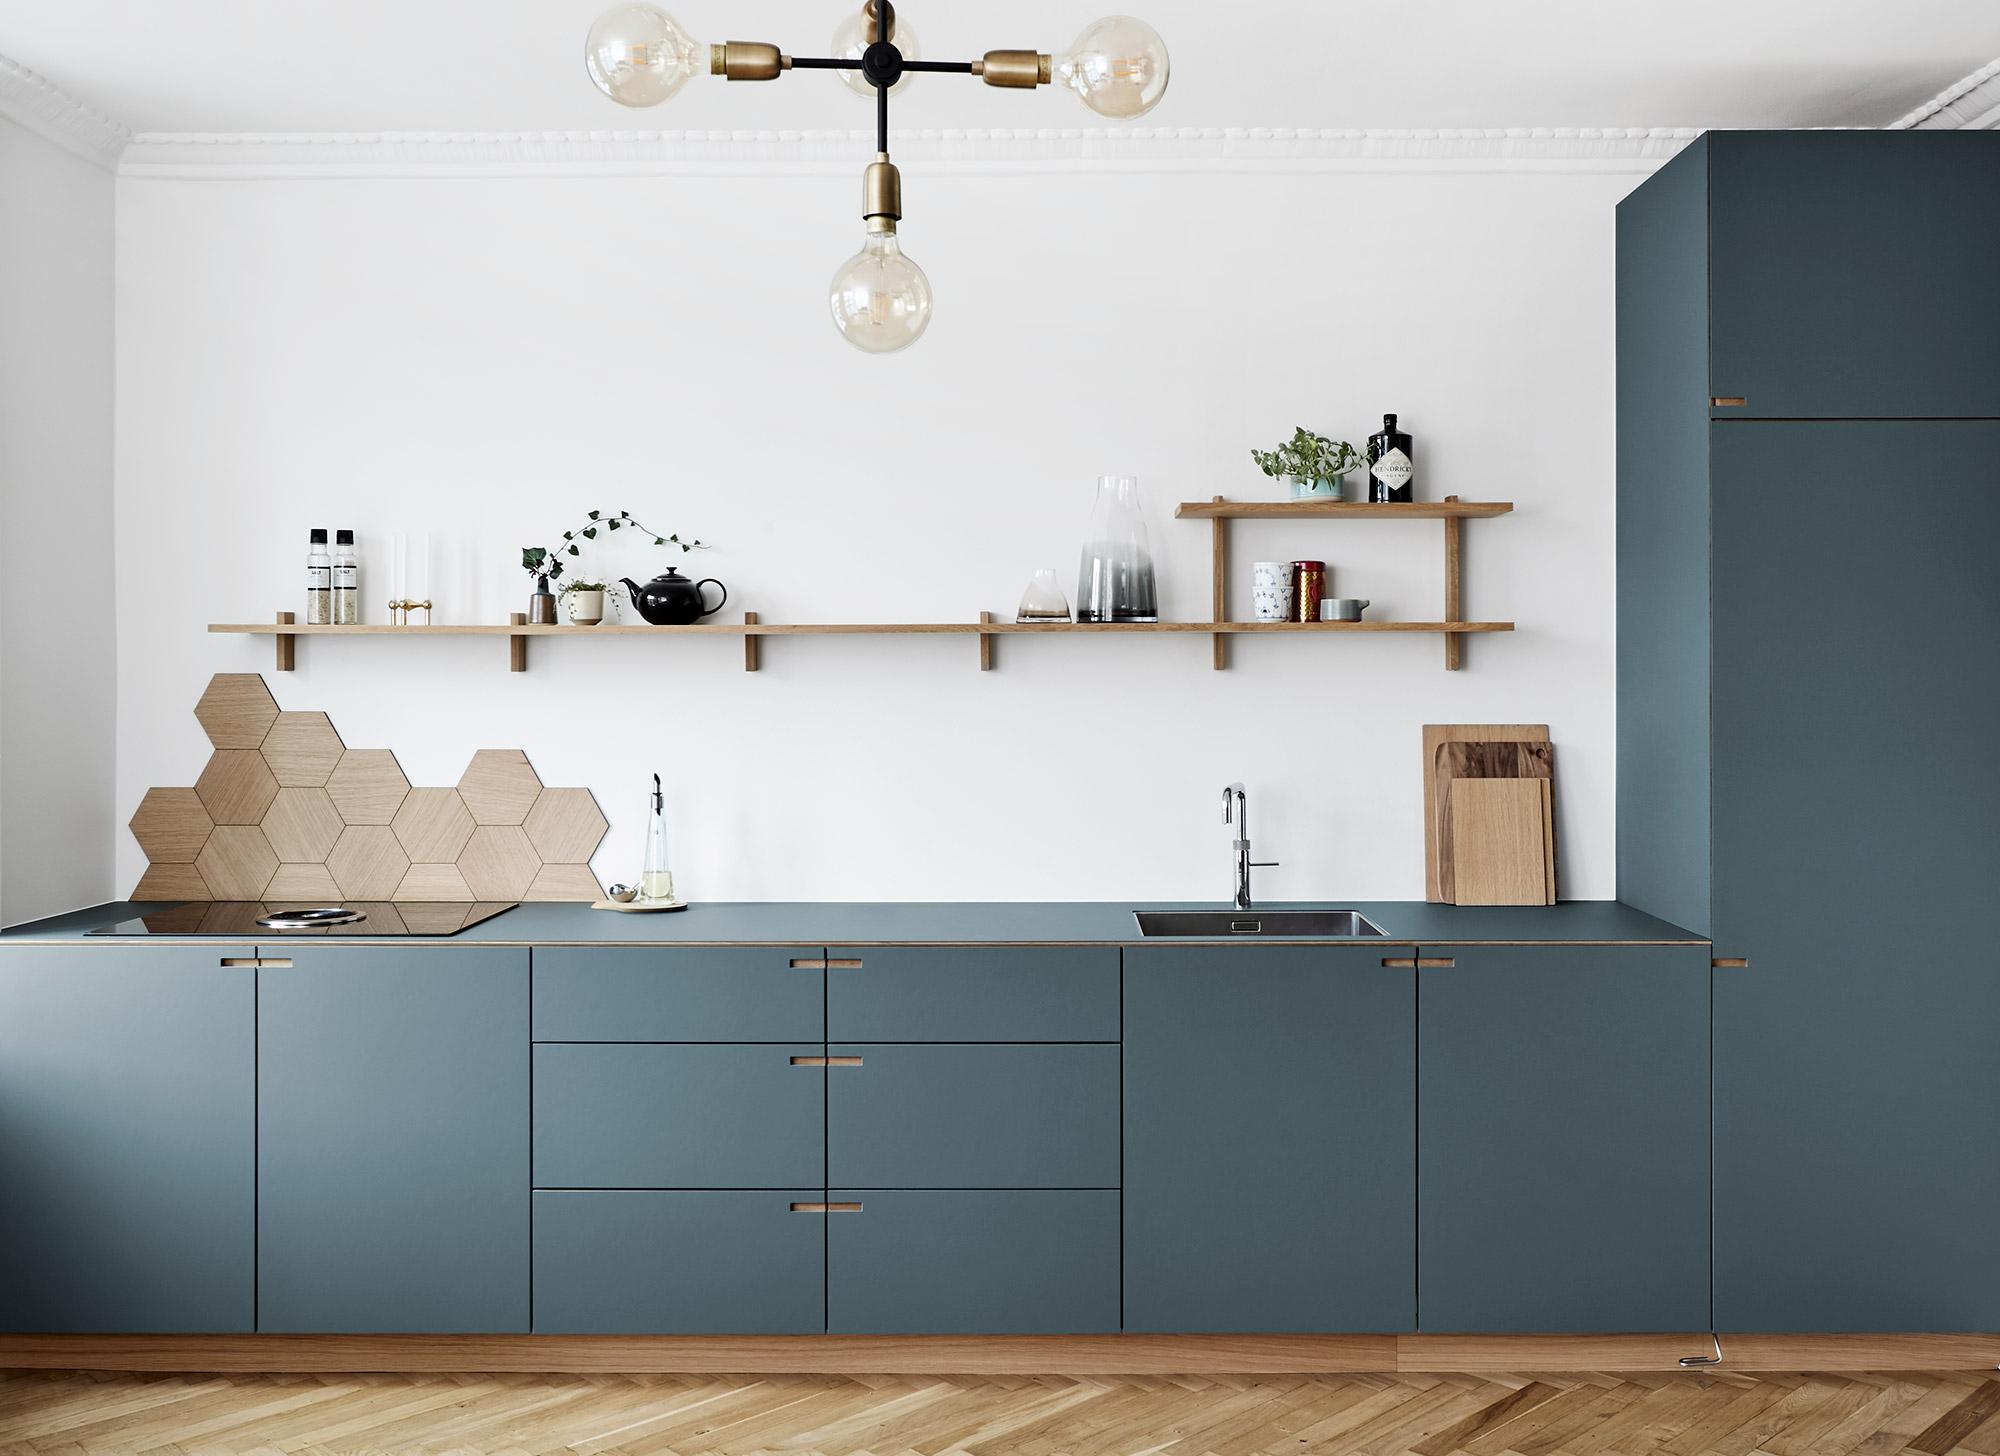 Snedkerkøkken i egetræ og pewtergrå linoleum - designet og produceret af køkkensnedker Nicolaj Bo™